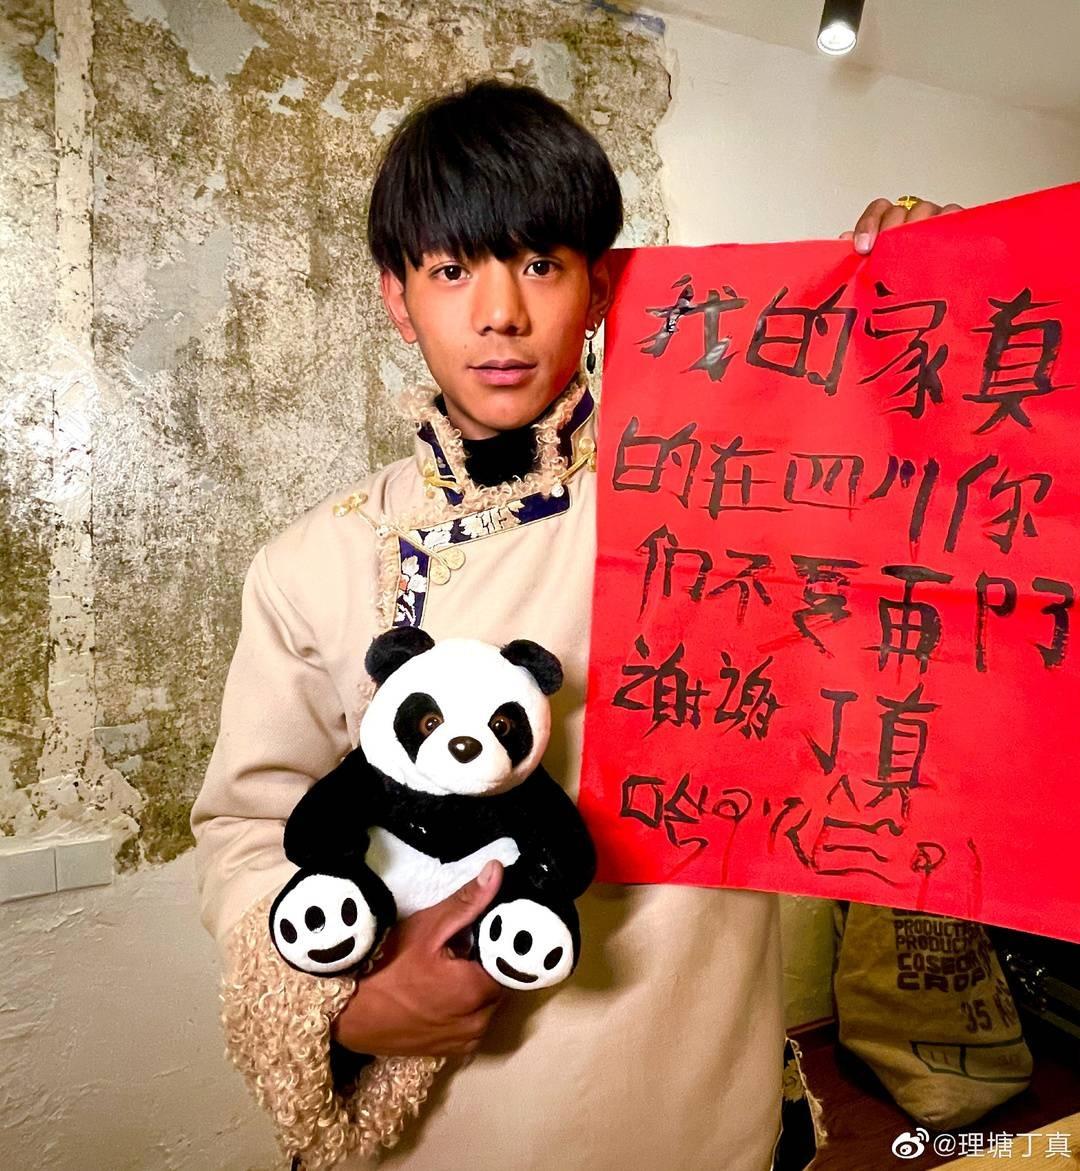 當代中國-中國新聞-藏族男孩丁真走紅02